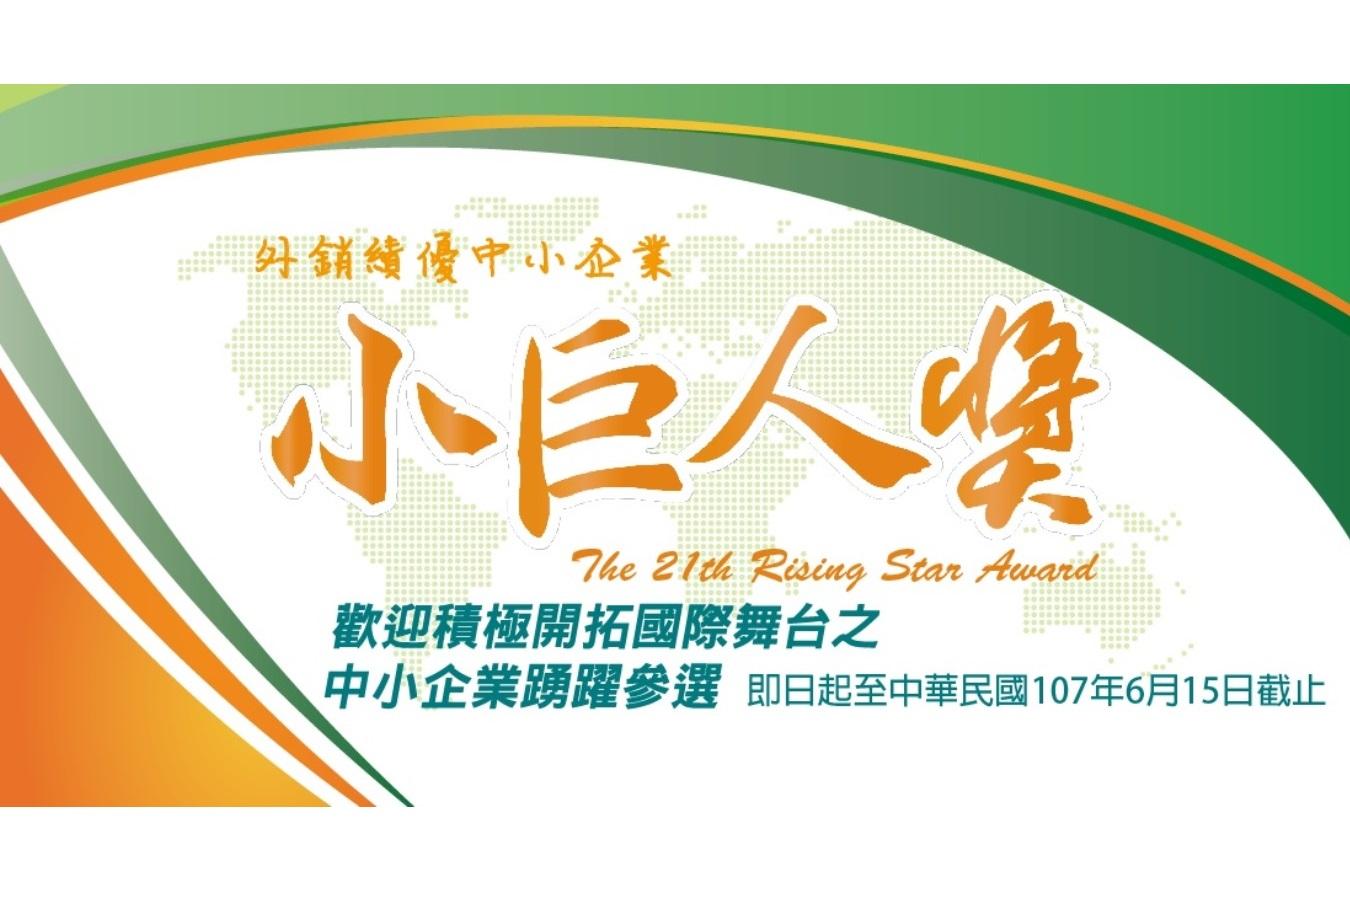 107年度「第21屆小巨人獎選拔表揚活動」即日起受理申請